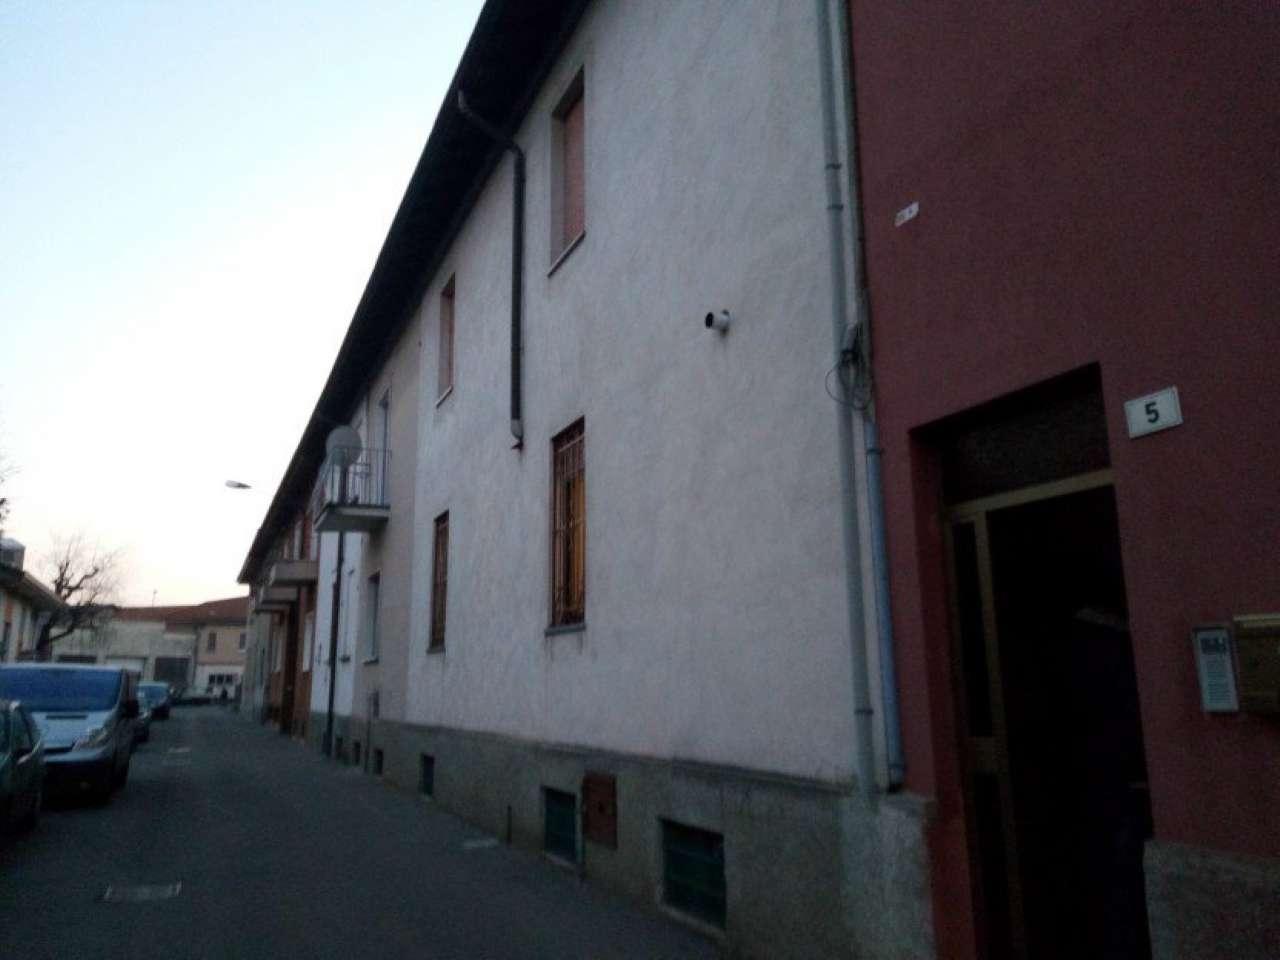 Soluzione Indipendente in vendita a Gerenzano, 4 locali, prezzo € 100.000 | Cambio Casa.it